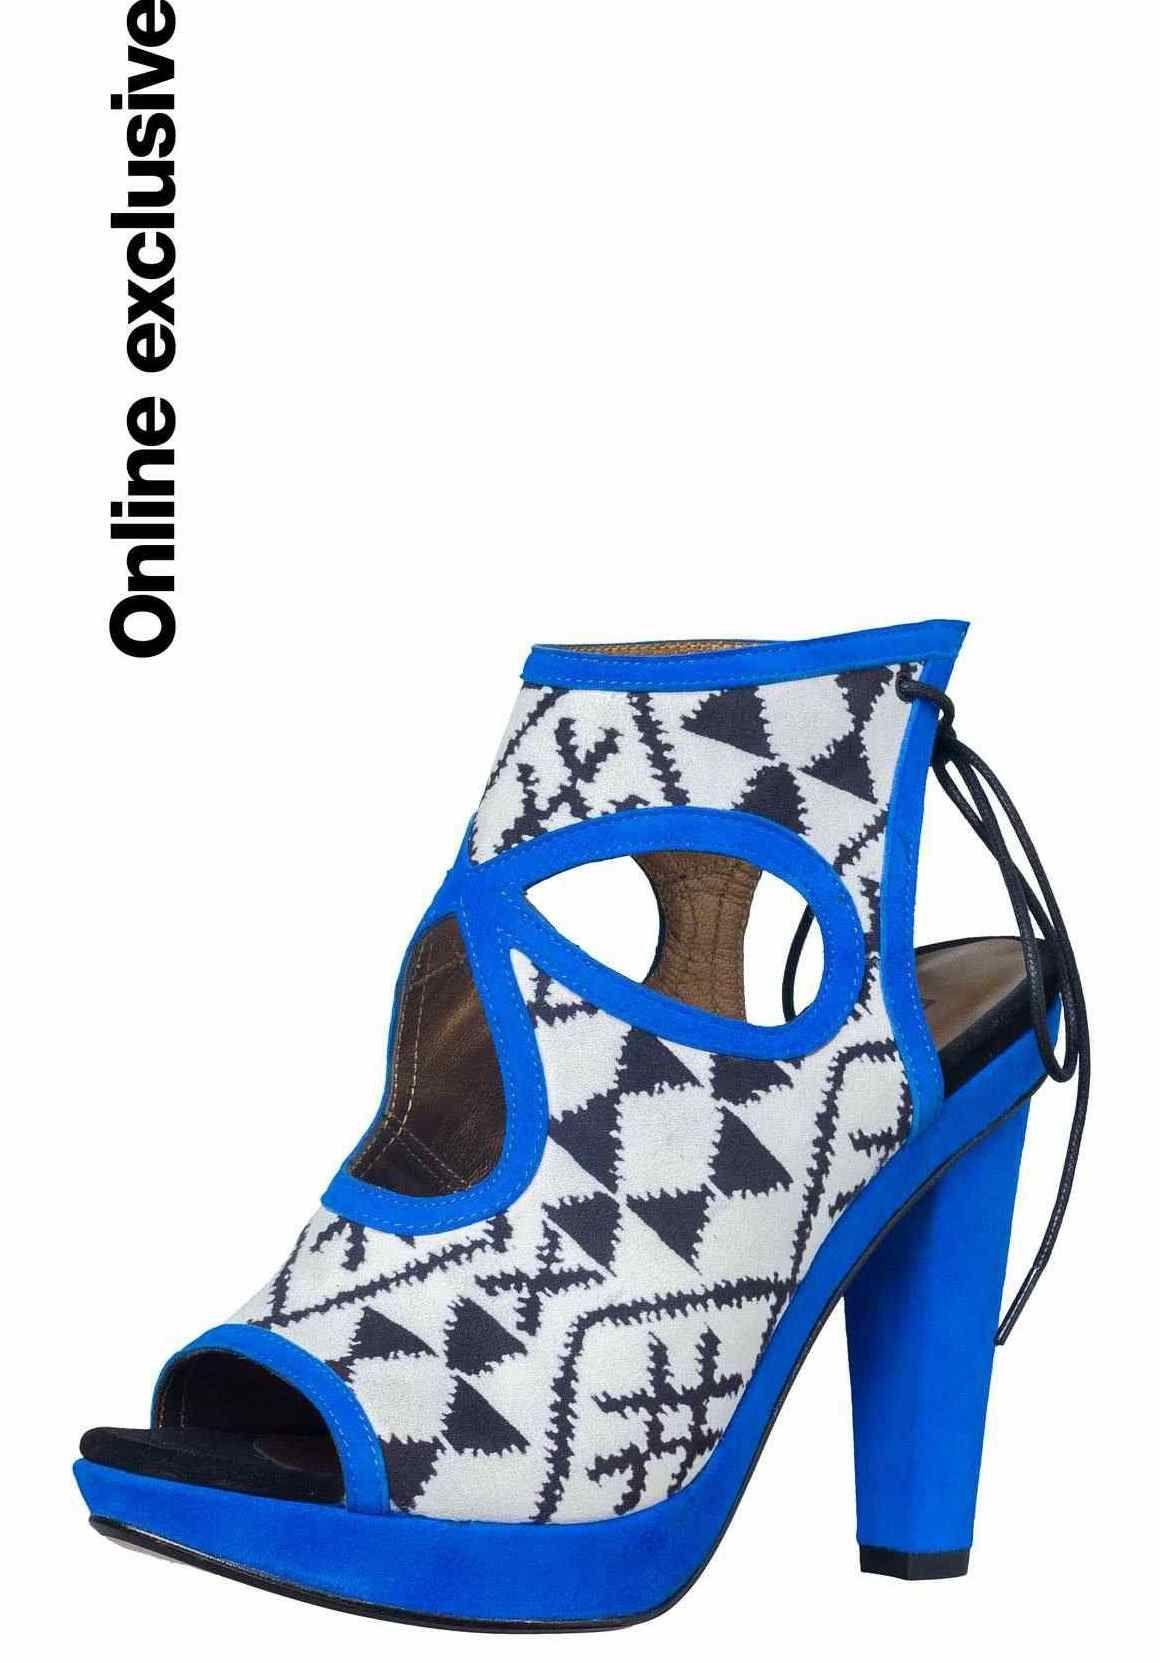 High Heel Shoes   Heels, Shoes, Sandals